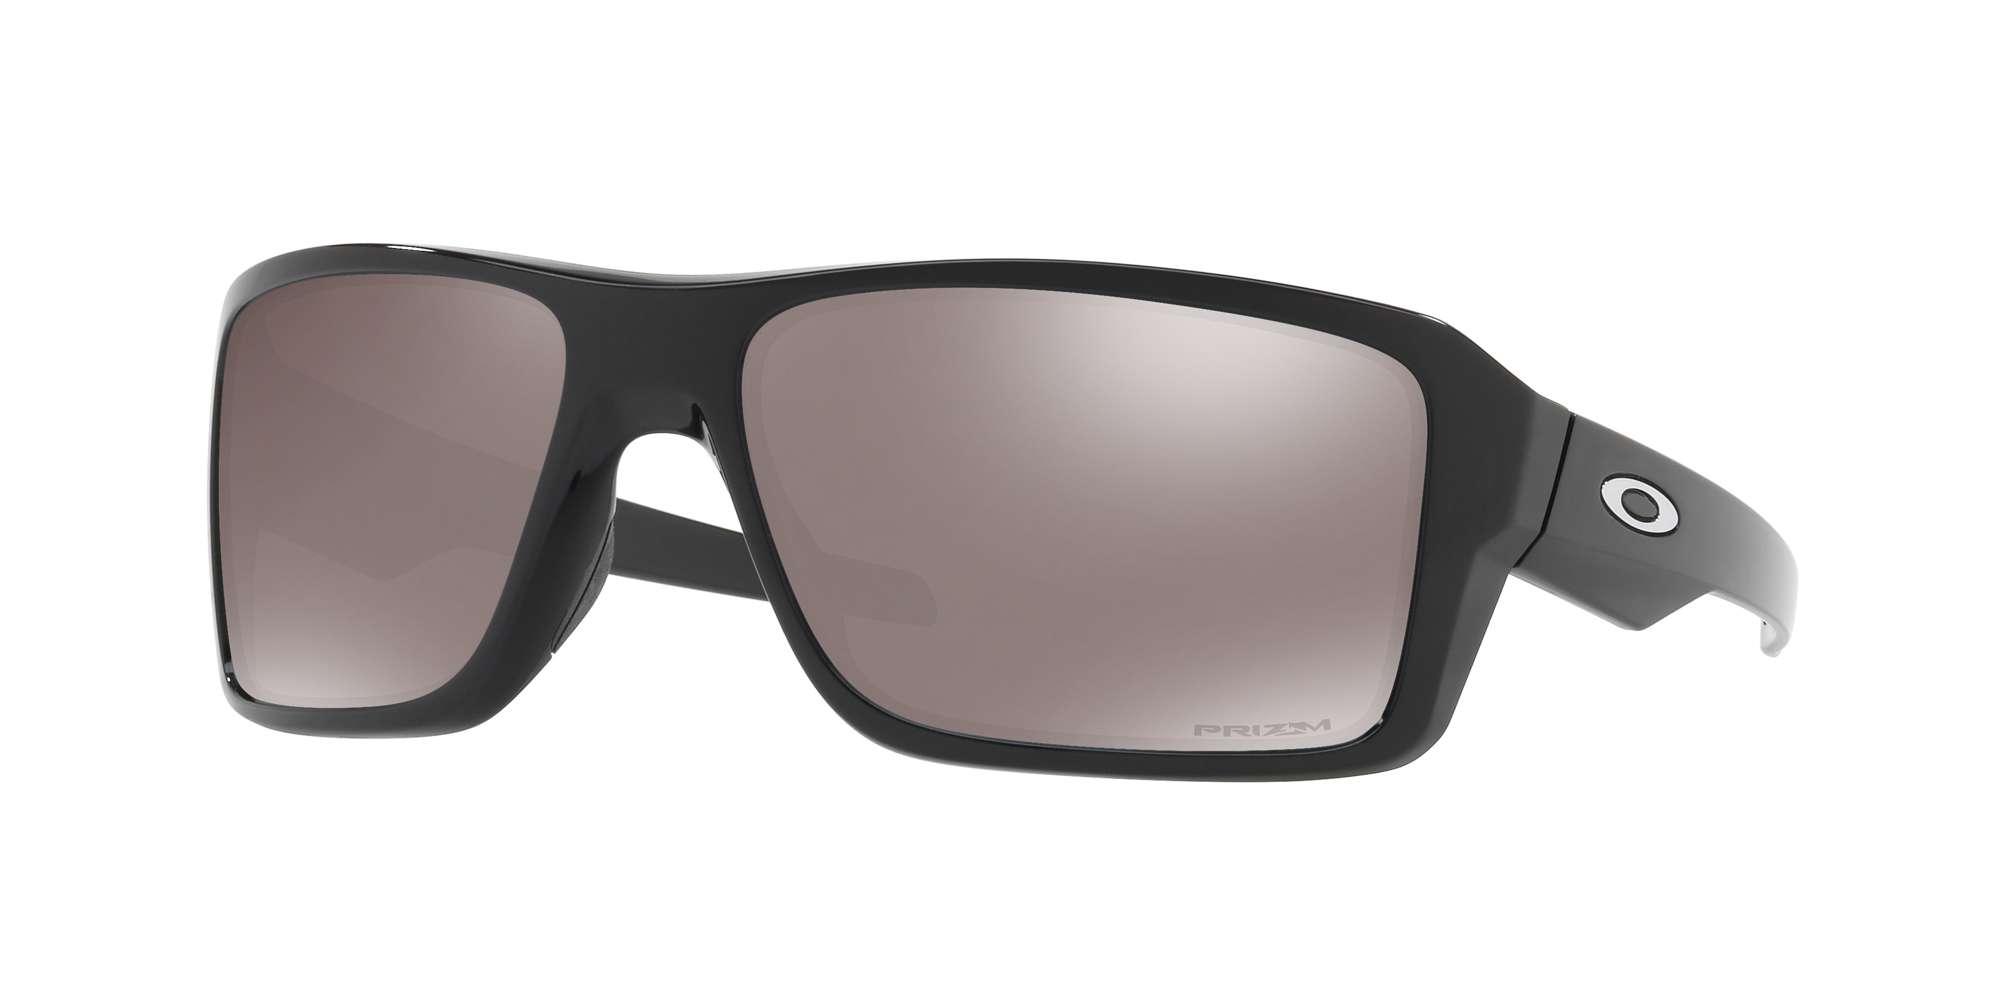 POLISHED BLACK / PRIZM BLACK POLARIZED lenses